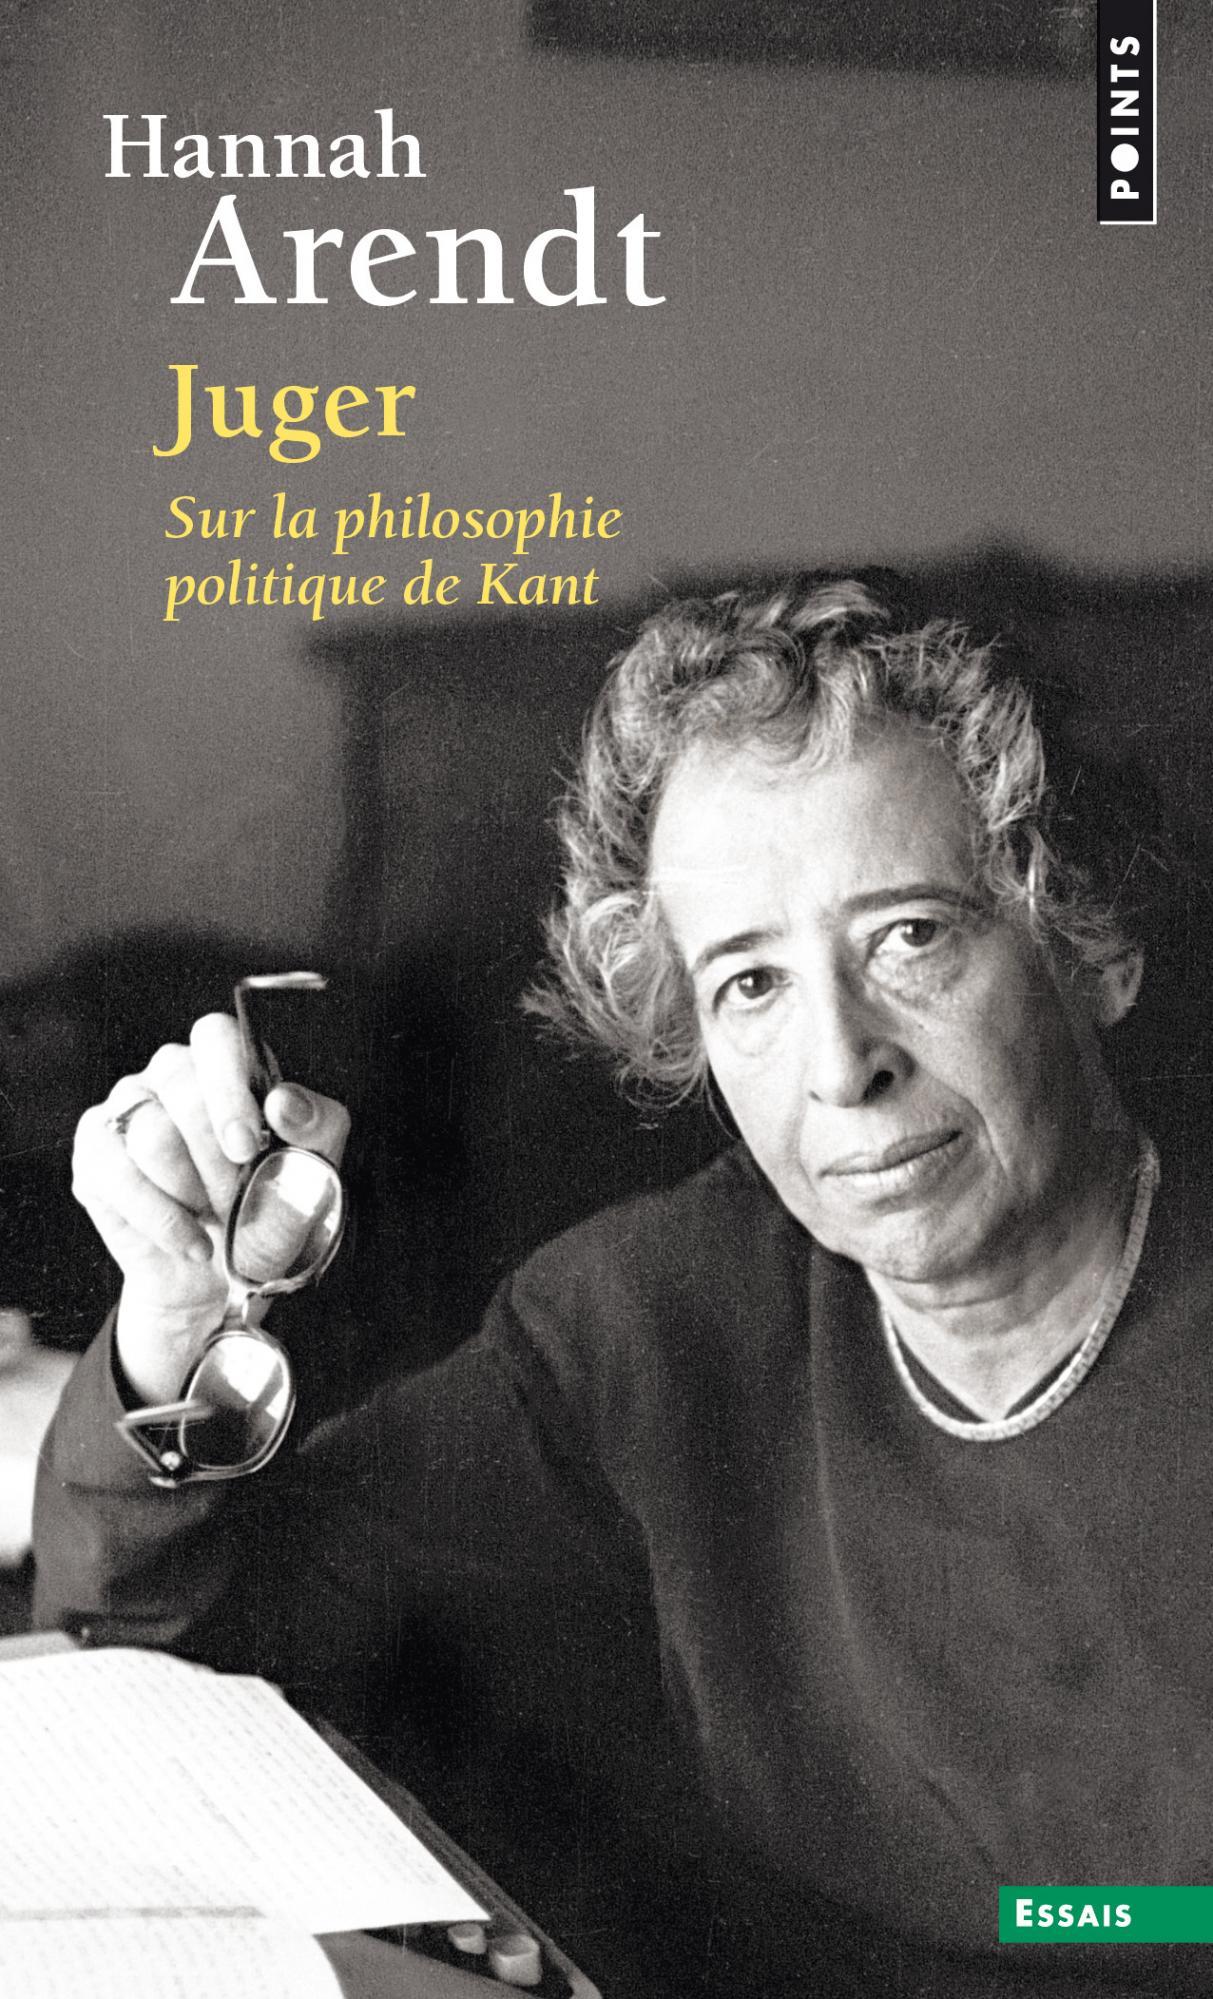 A. Harendt, Juger. Sur la philosophie politique de Kant